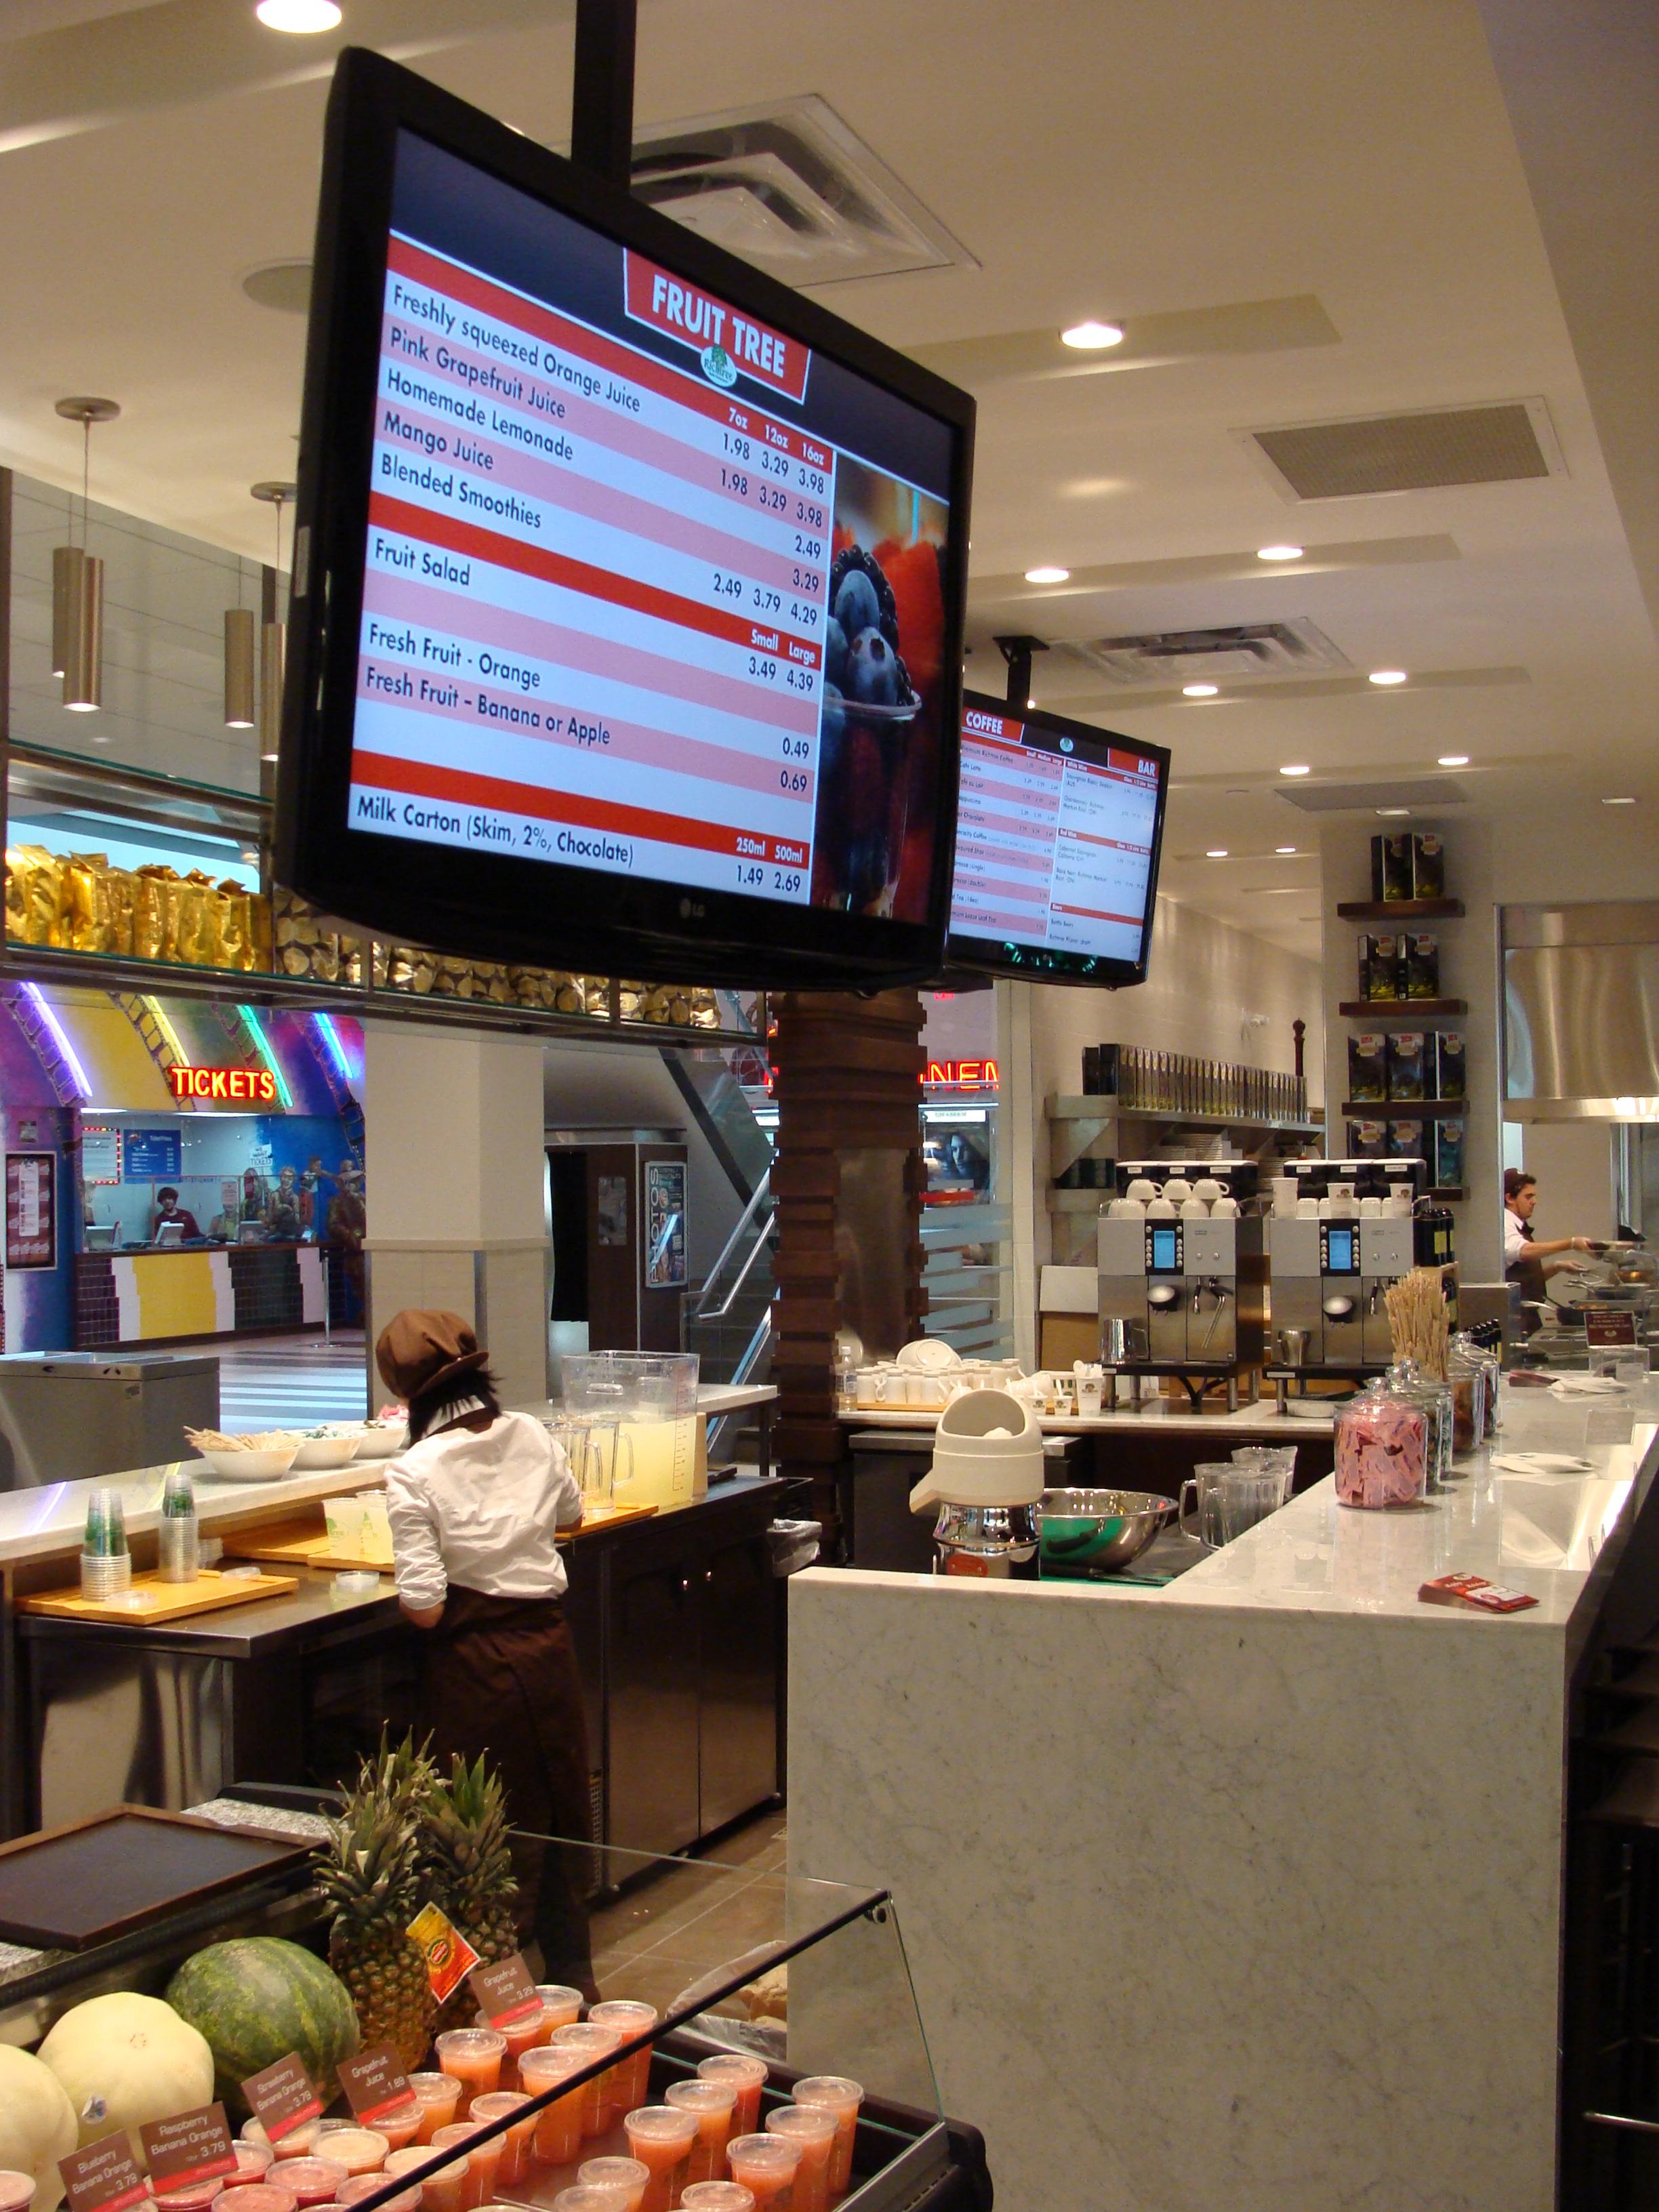 Il Digital Signage fidelizza i clienti del bar